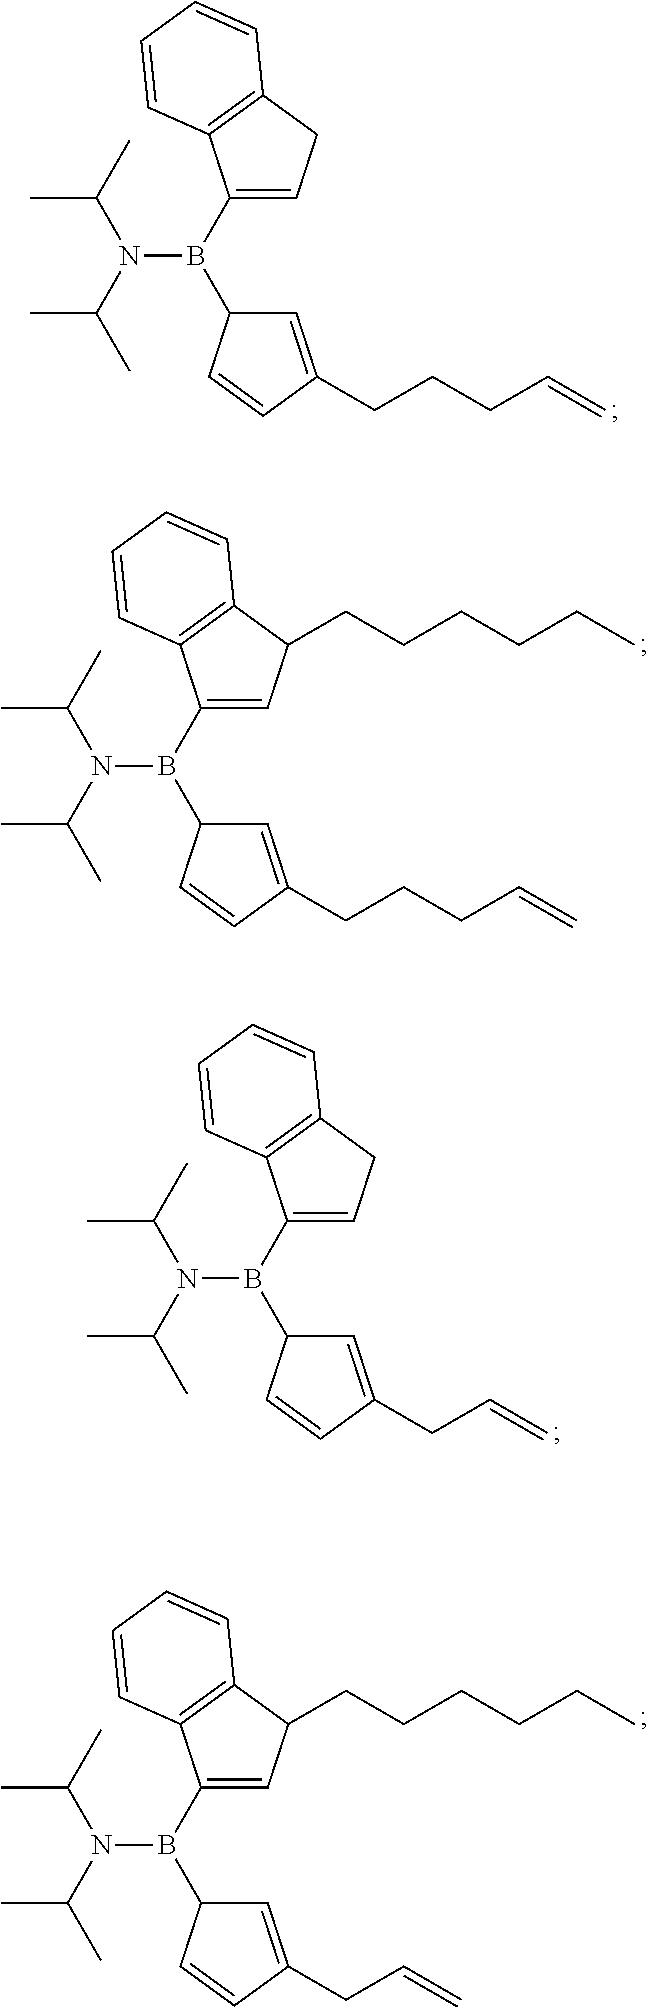 Figure US20150141598A1-20150521-C00008